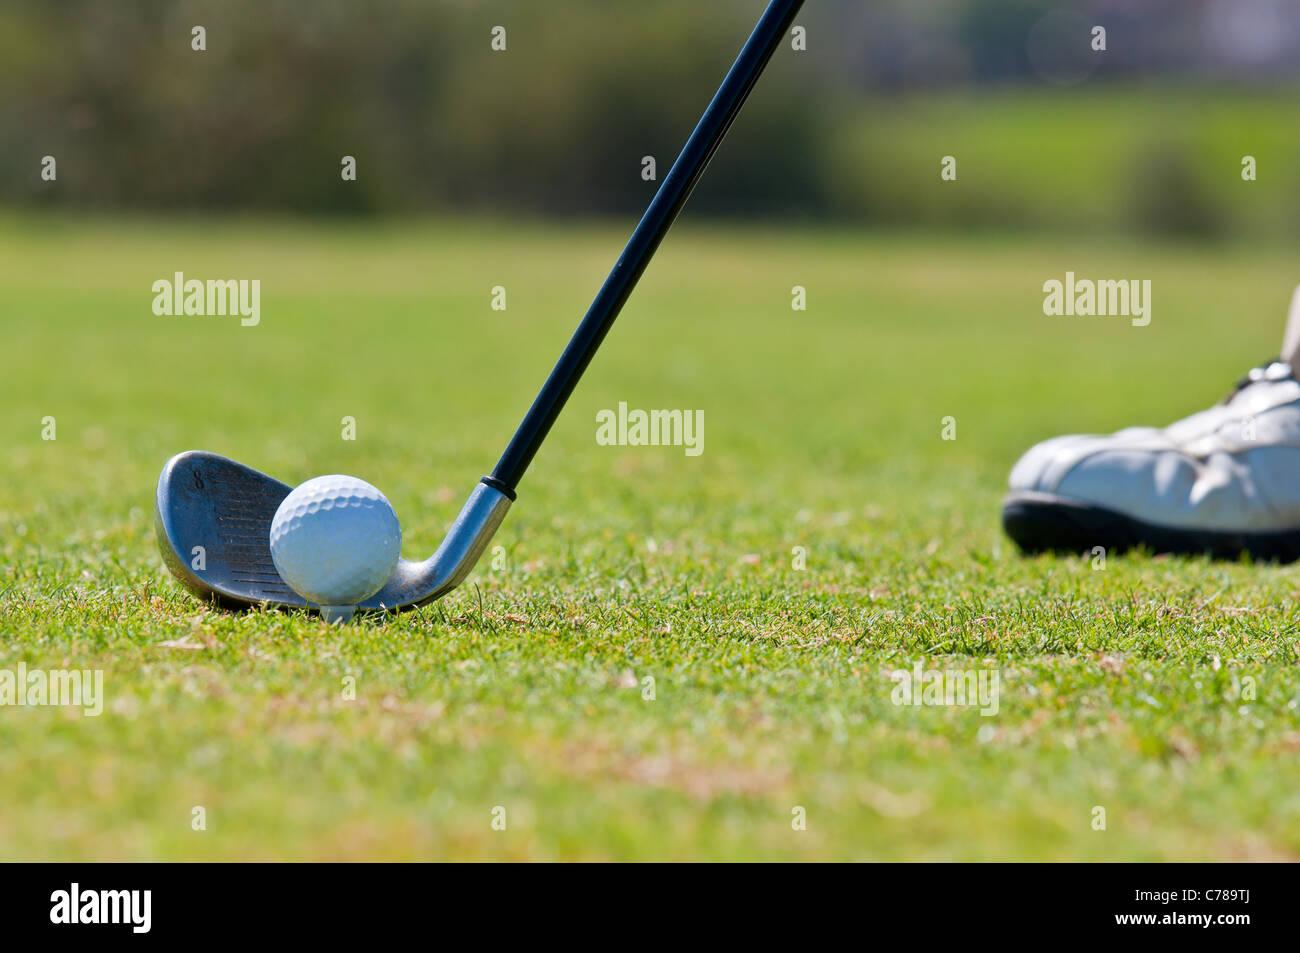 Ein echter Golfer auf dem Golfplatz immer bereit, den Ball zu schlagen. Stockbild